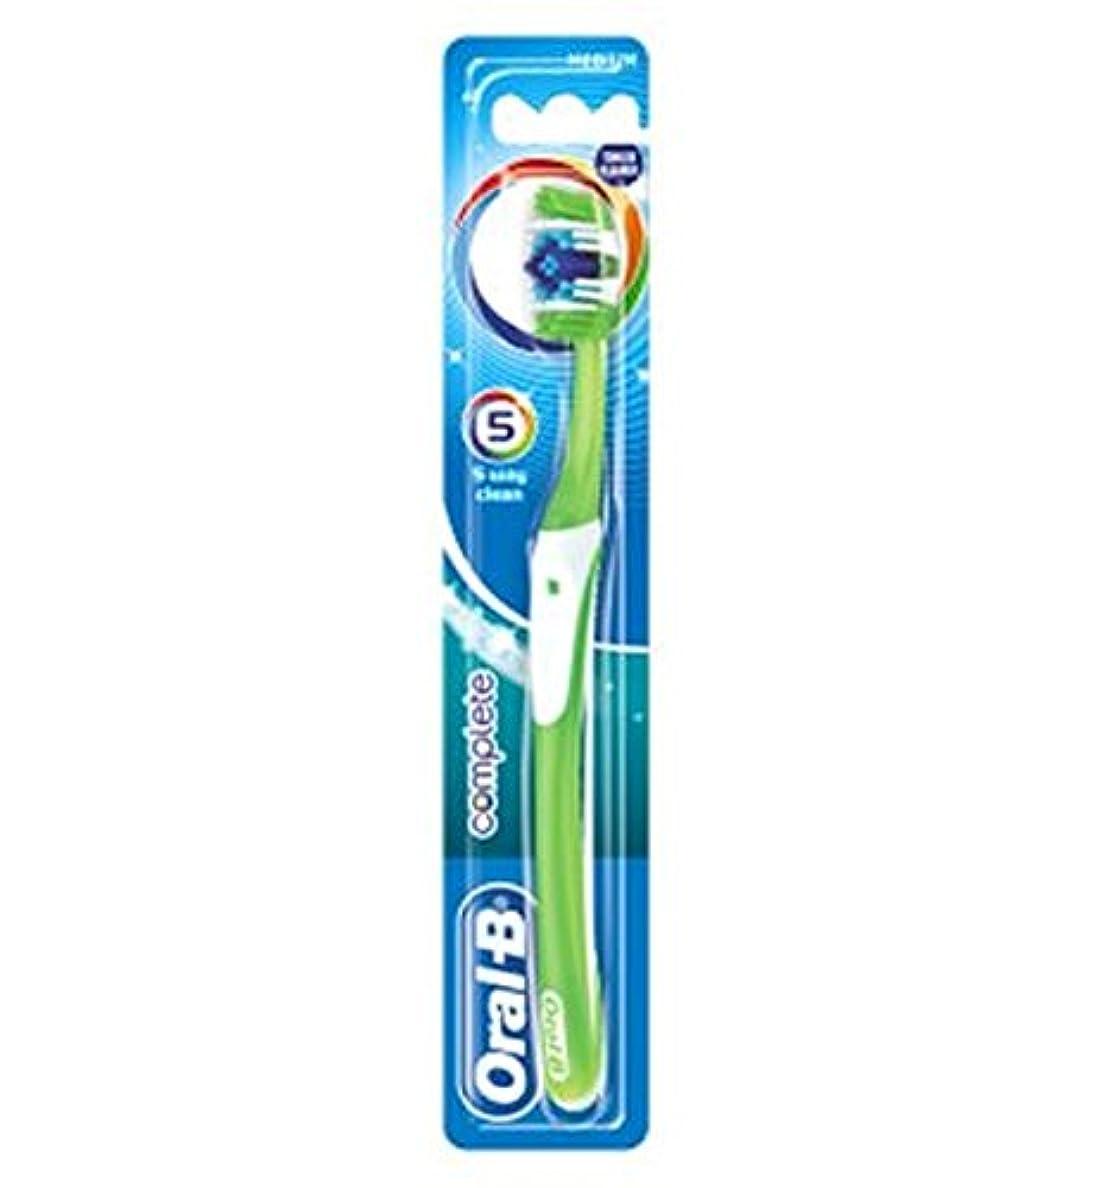 魔術ホイールエントリOral-B Complete 5 Way Clean Medium Manual Toothbrush - オーラルBの完全な5道クリーンなメディアの手動歯ブラシ (Oral B) [並行輸入品]